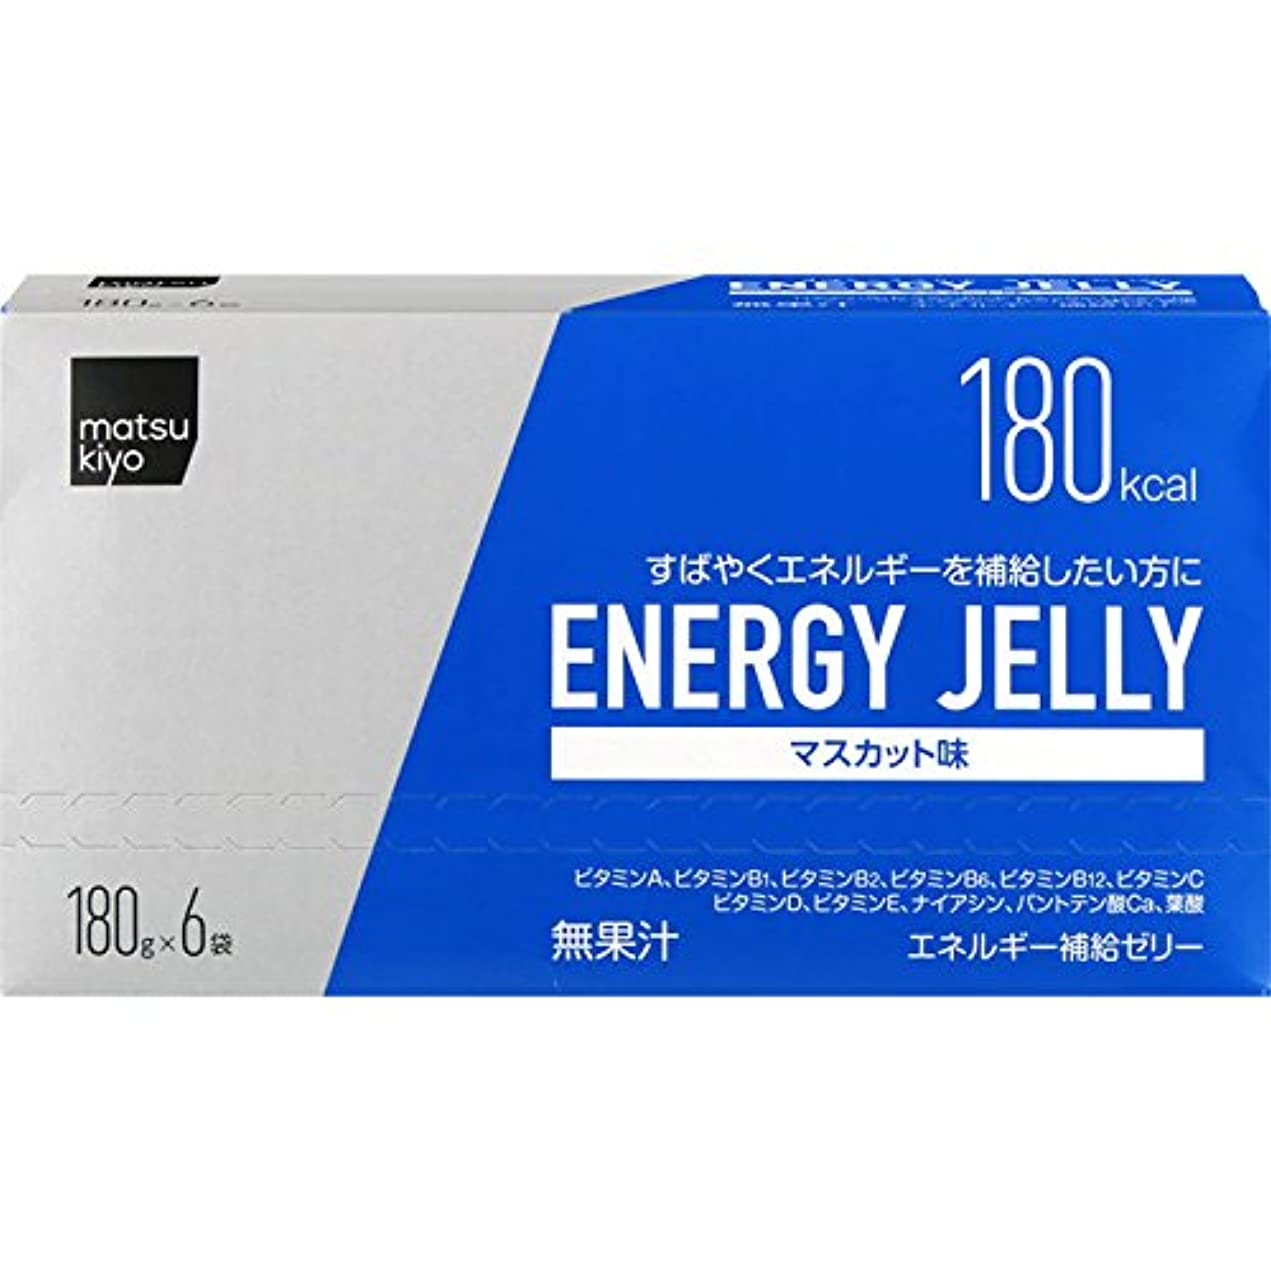 中古脱臼するソートmatsukiyo エネルギー補給ゼリー 180g×6